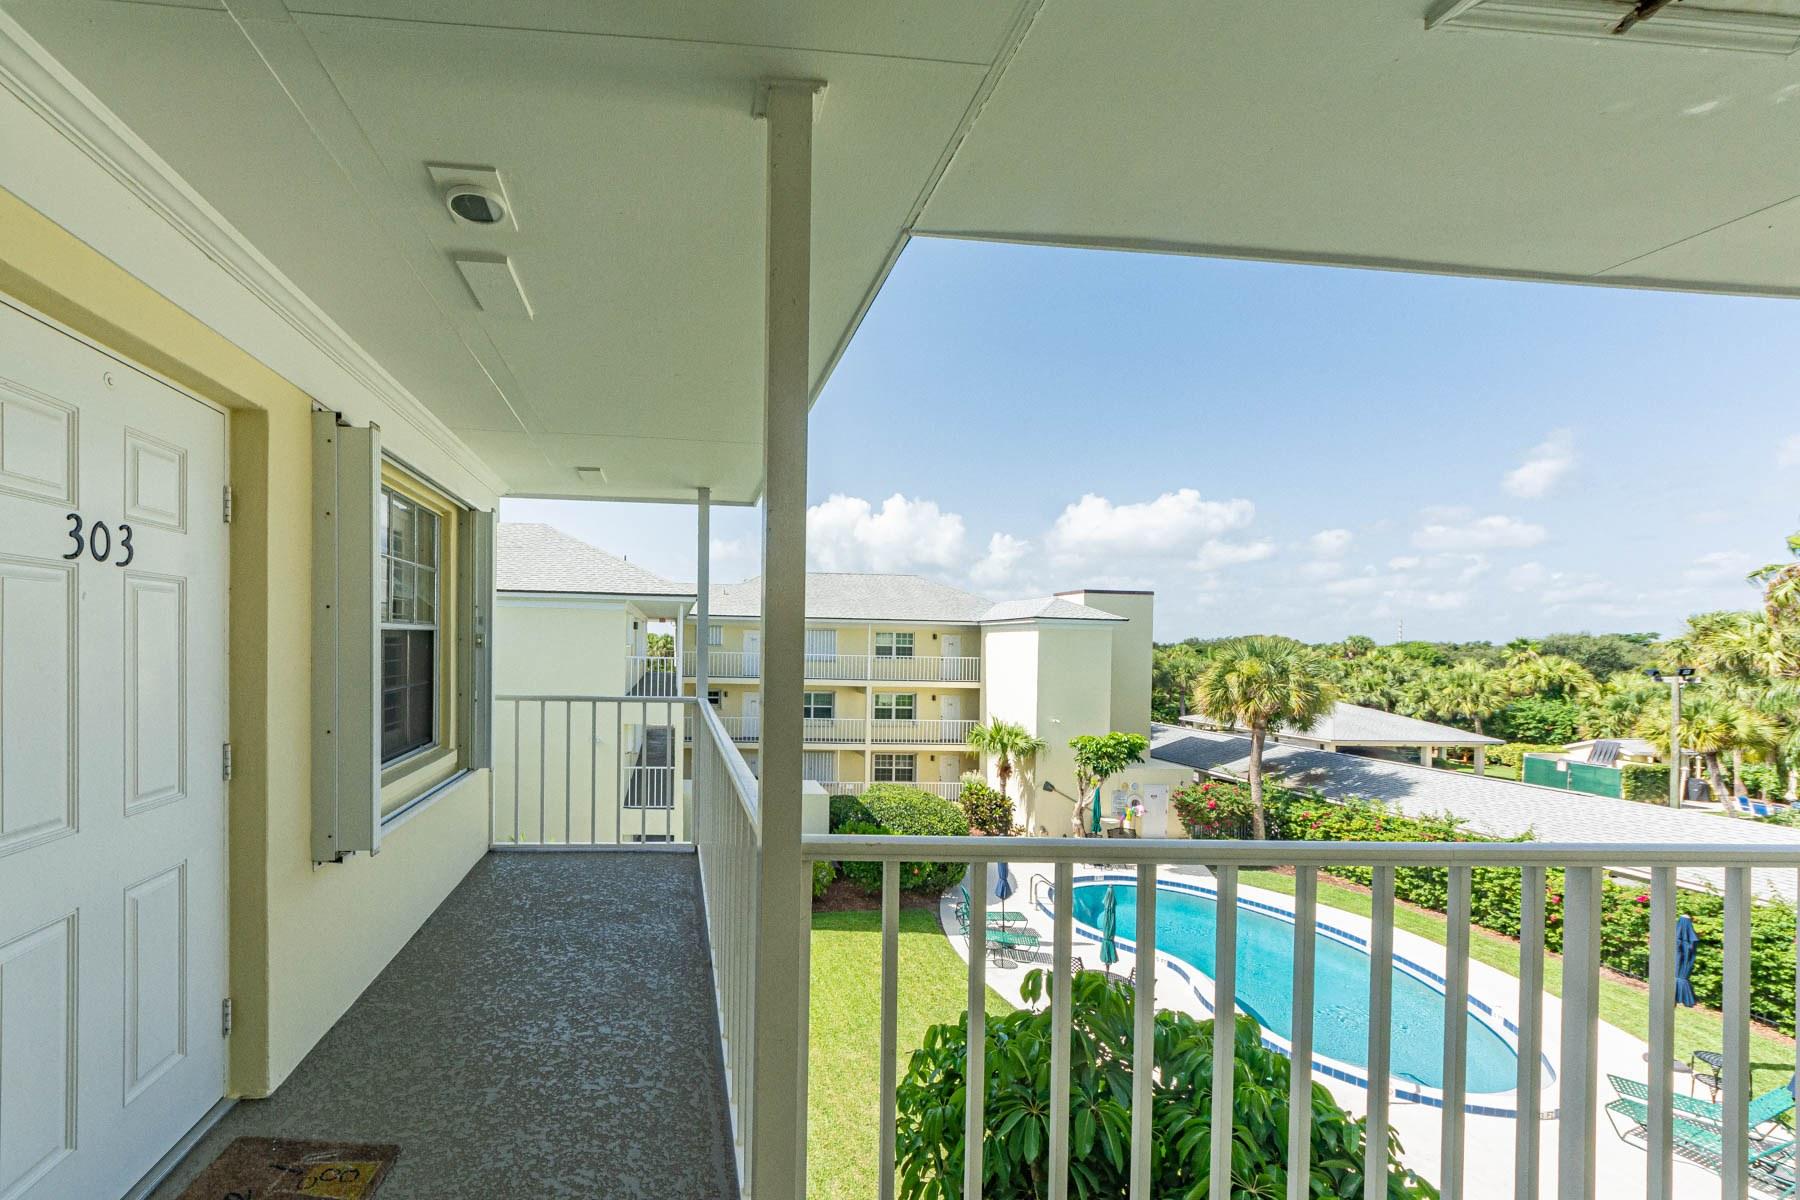 1441 Ocean Drive, #303, Vero Beach, FL 1441 Ocean Drive, 303 Vero Beach, Florida 32963 United States